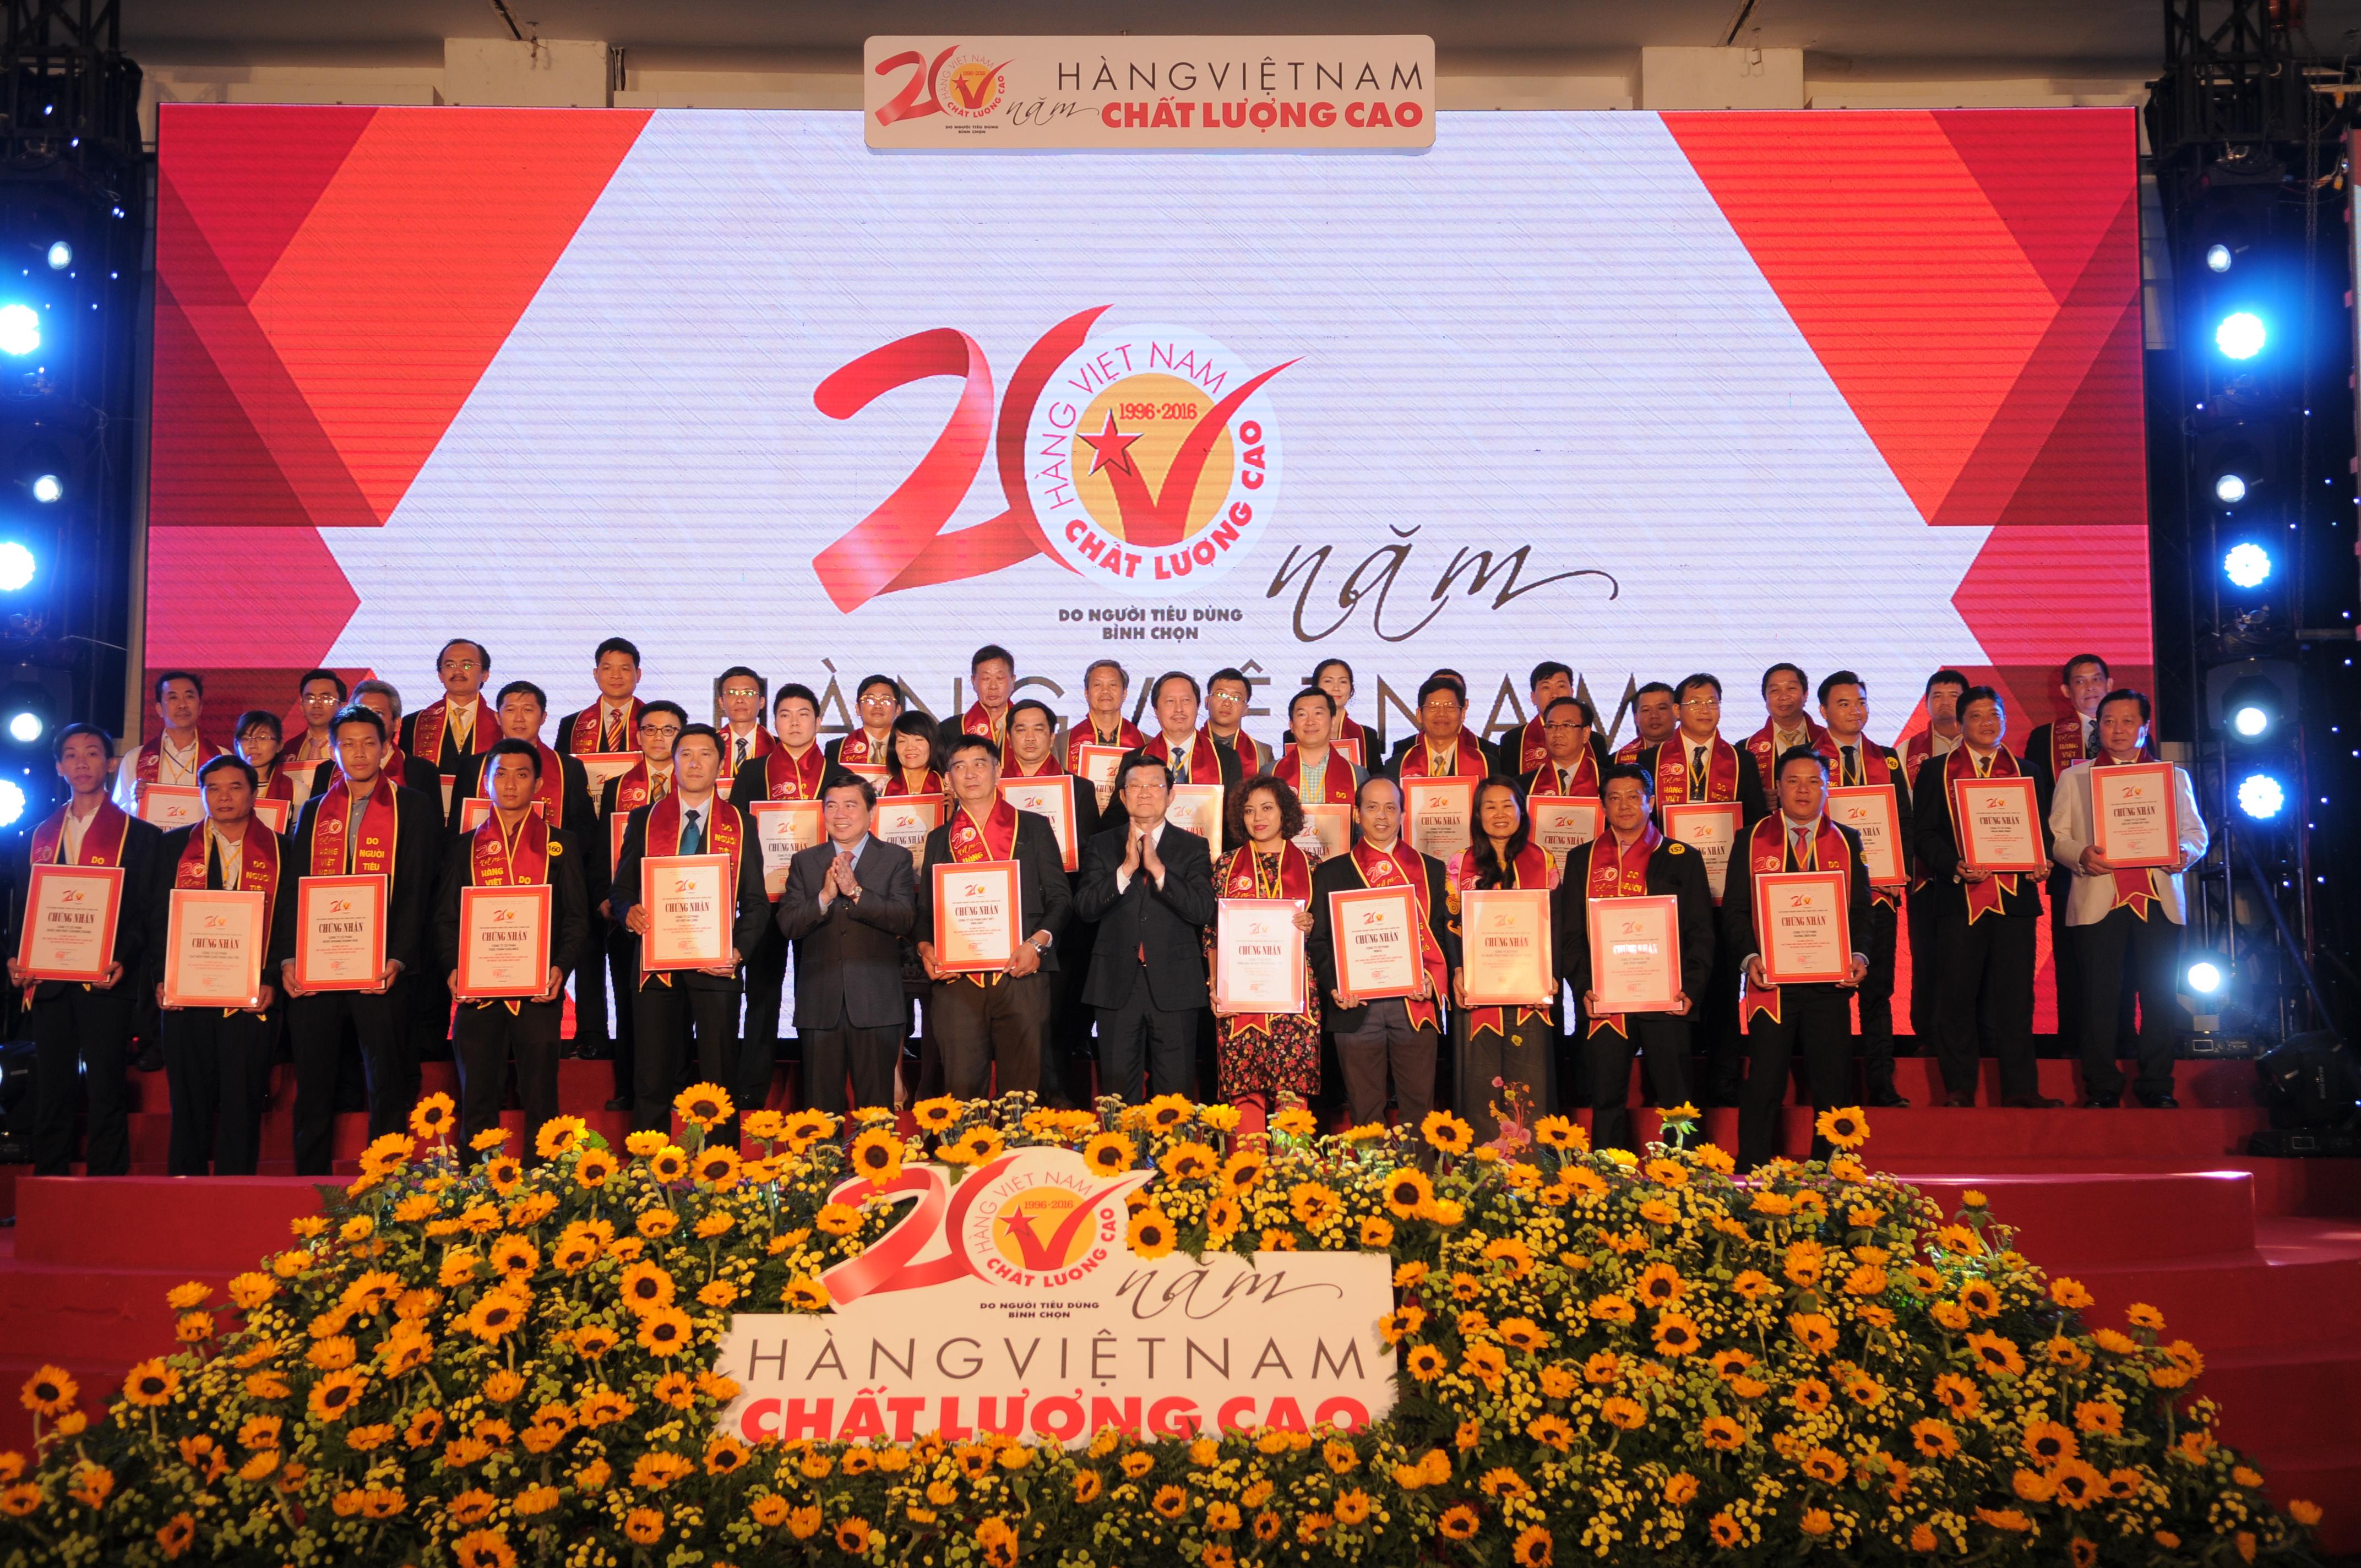 Chủ tịch nước Trương Tấn Sang và Chủ tịch UBND TP.HCM Nguyễn Thành Phong trao chứng nhận danh hiệu HVNCLC cho các doanh nghiệp